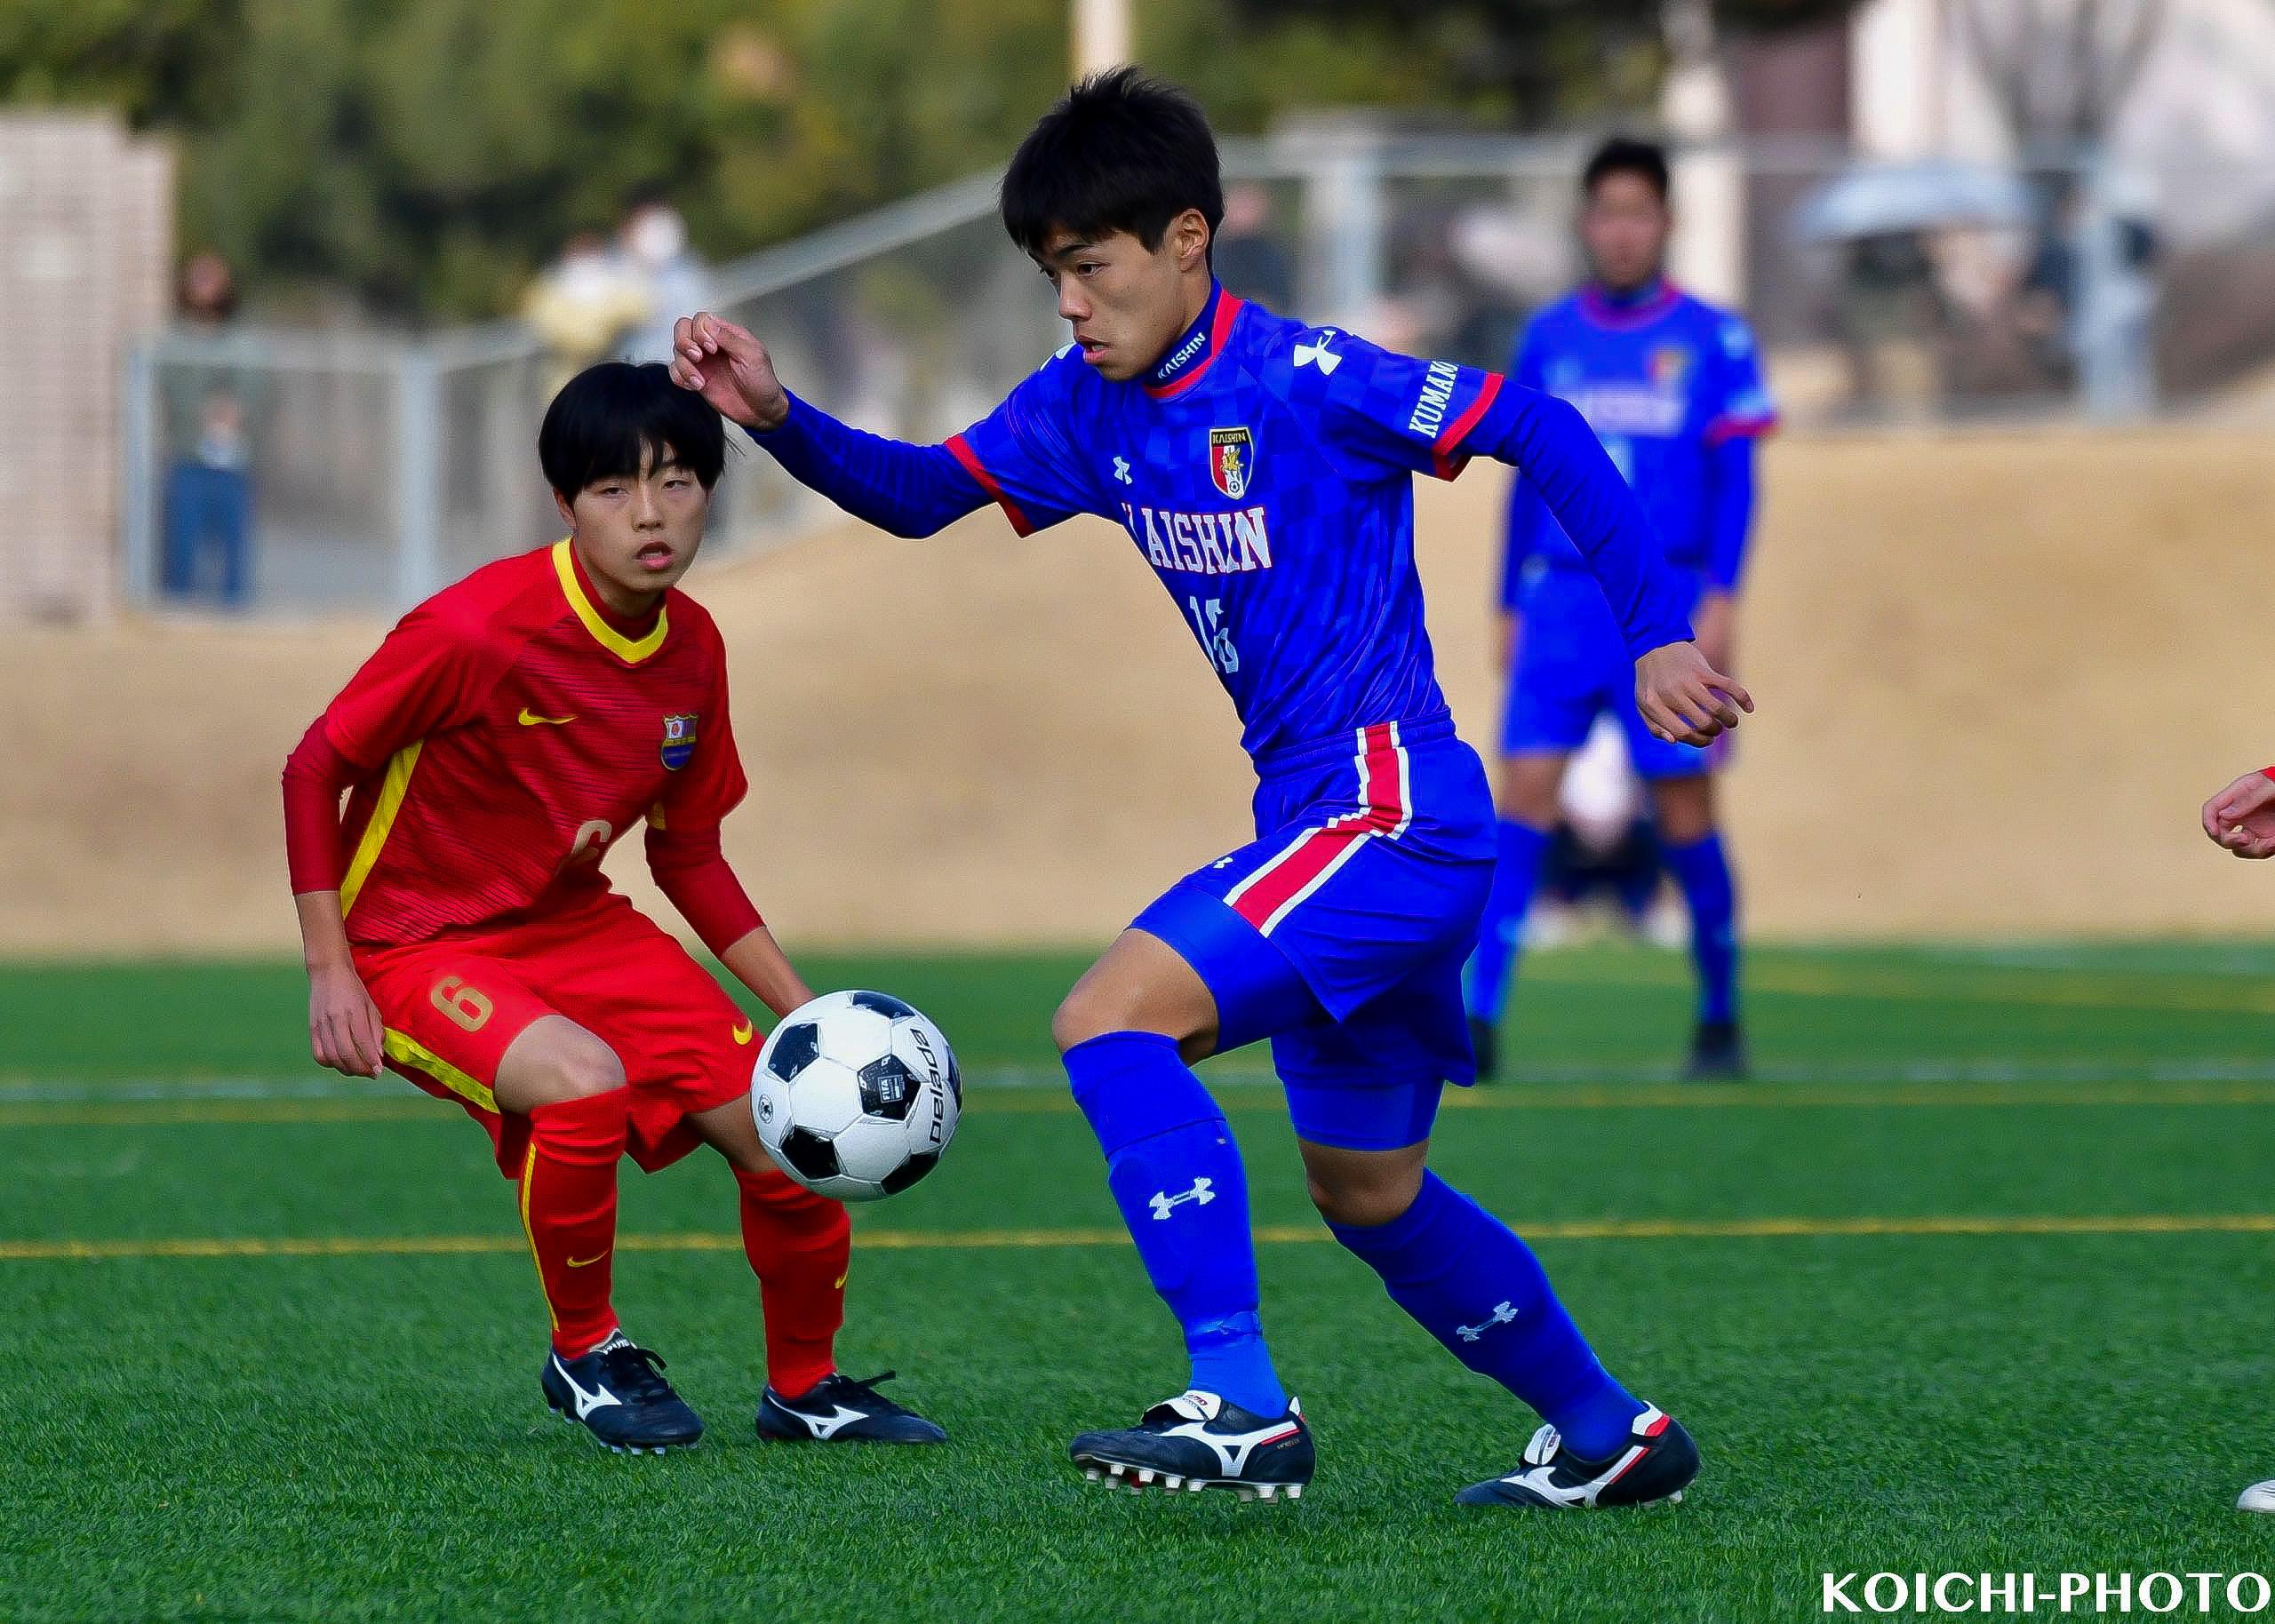 山口 県 高校 サッカー 新人 戦 2021 高校サッカー速報 2021 - FC2